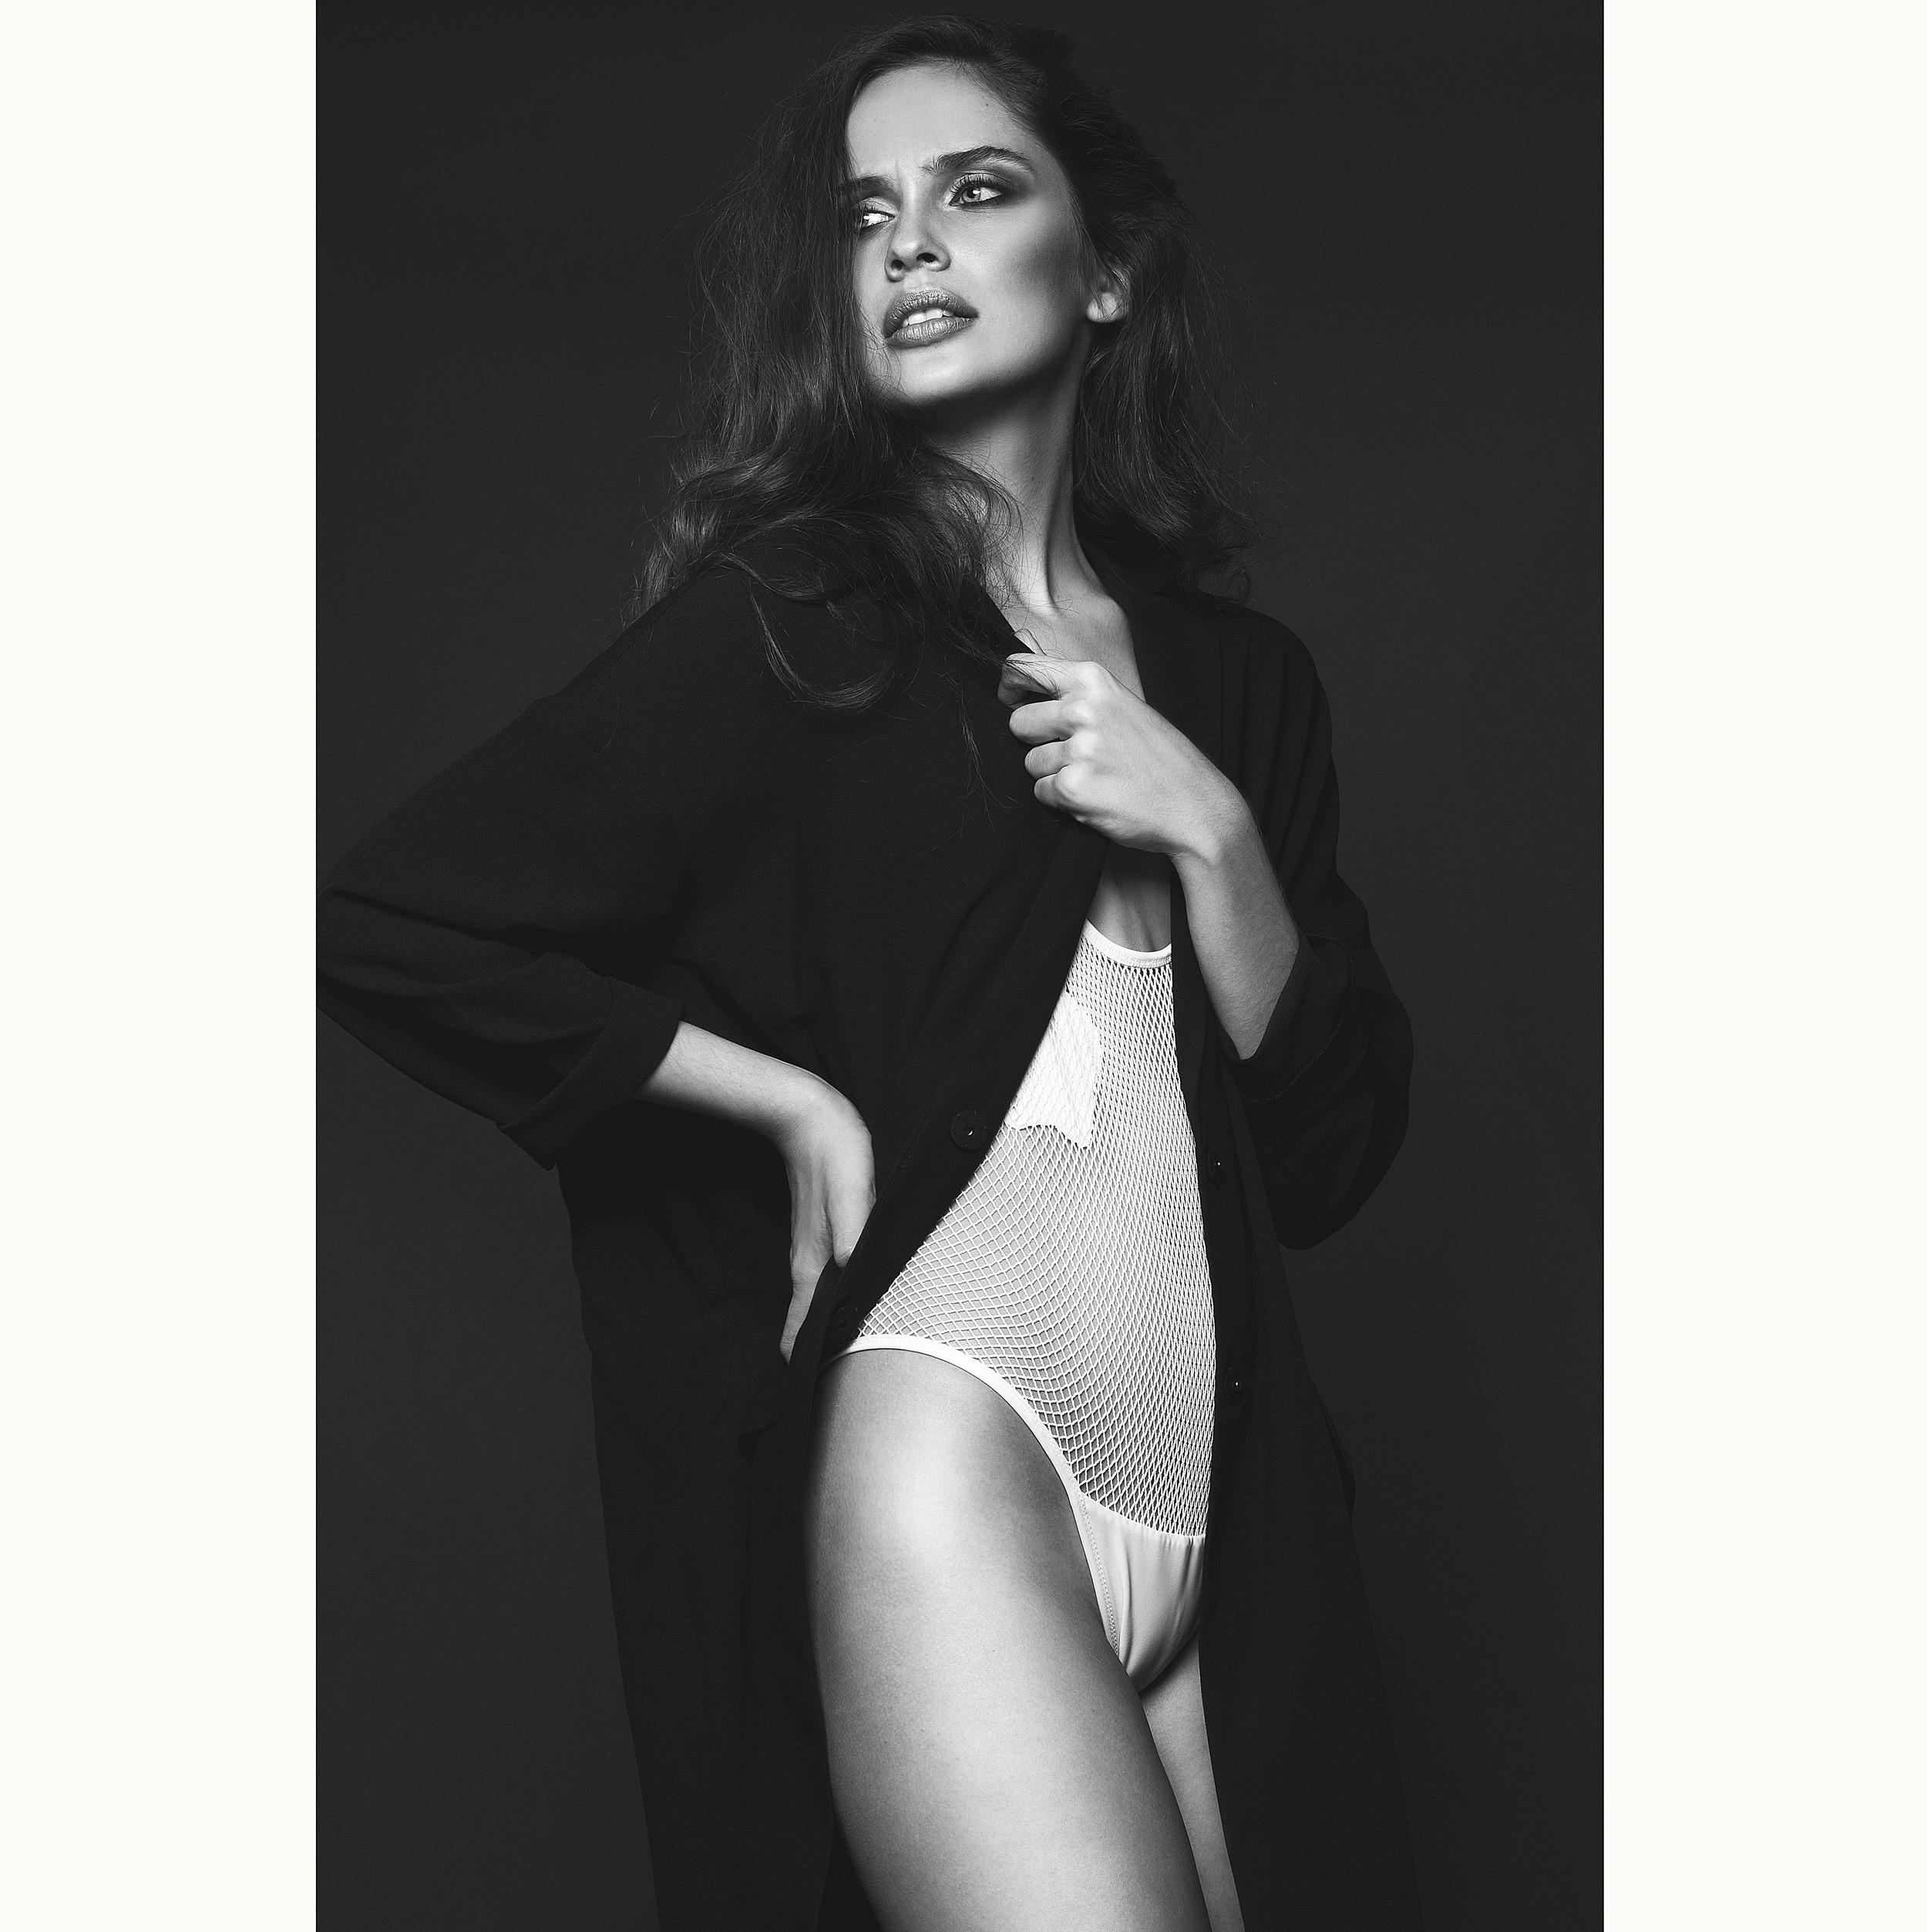 Elizabeth-Butner-Fashion-Entry.jpg